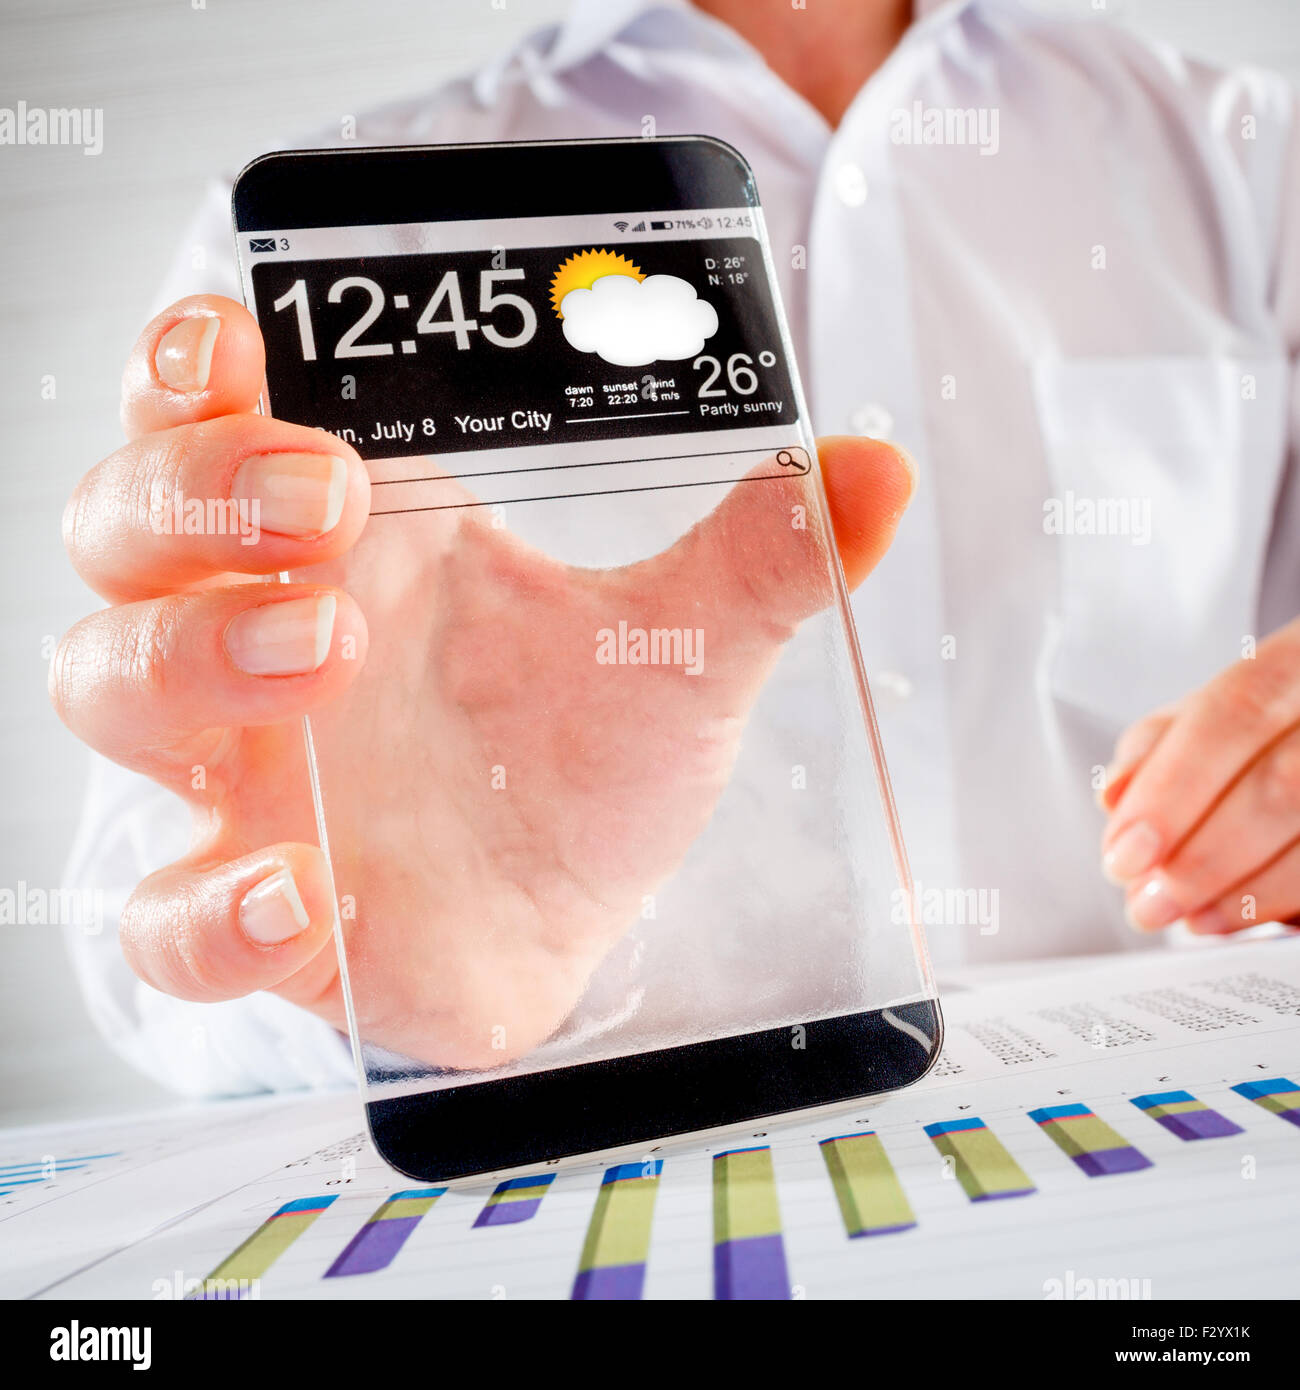 Futuristische Smartphone (Phablet) mit einem transparenten Display in Menschenhand. Tatsächliche zukünftige Stockbild